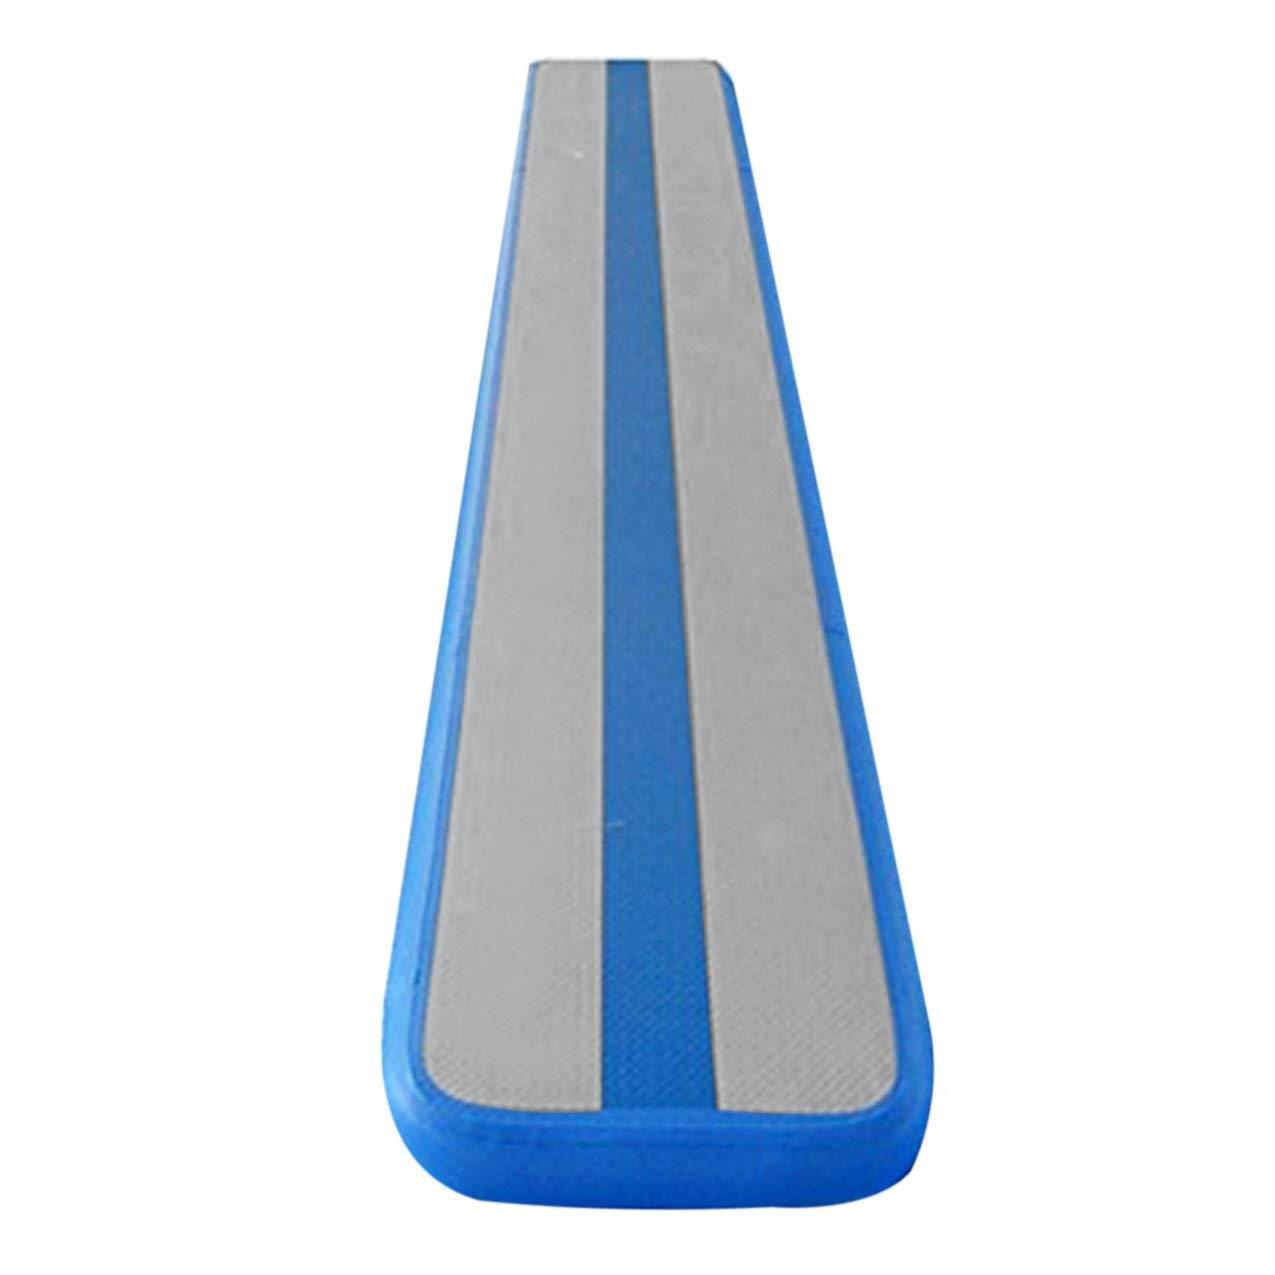 Redstrong Plancher Gonflable de Tapis de Tapis de Cheerleading de Plancher d'air de Matelas d'entraînement de Coussin de Taekwondo Gonflable avec la Pompe électrique